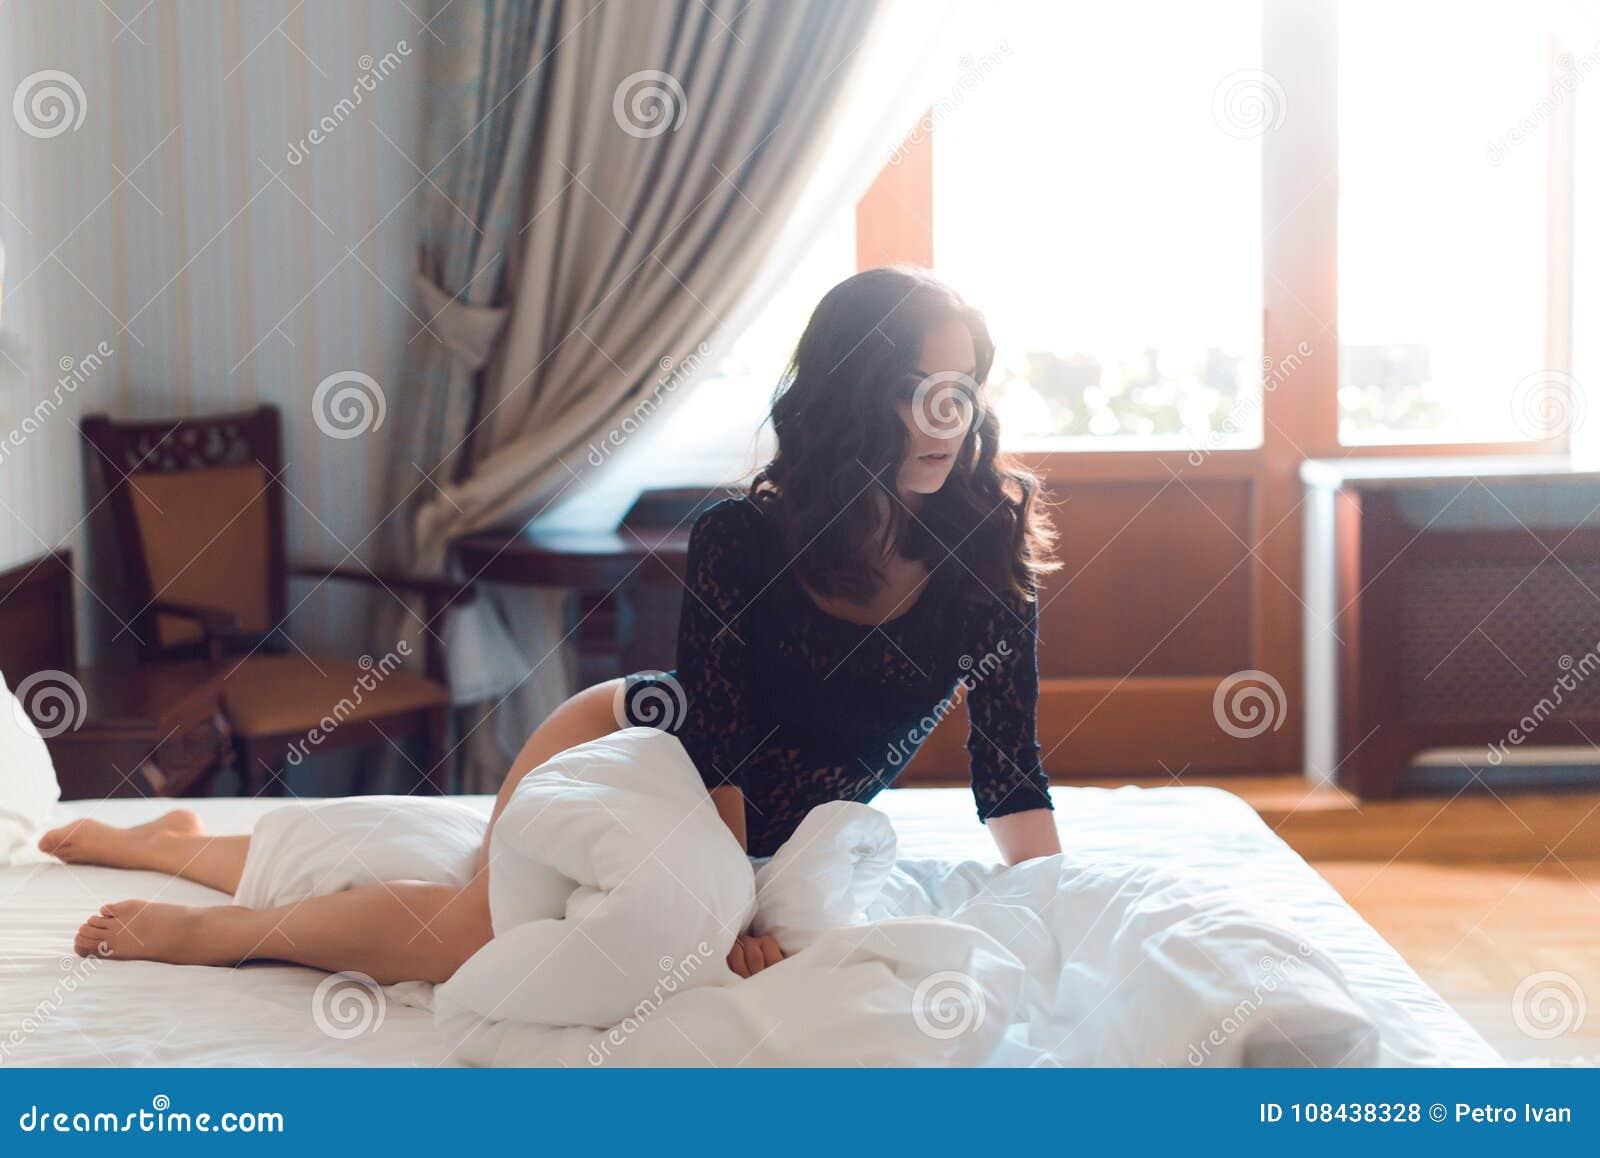 Сексуальная девушка при длинное одетые вьющиеся волосы и красивые подбитые глазы,